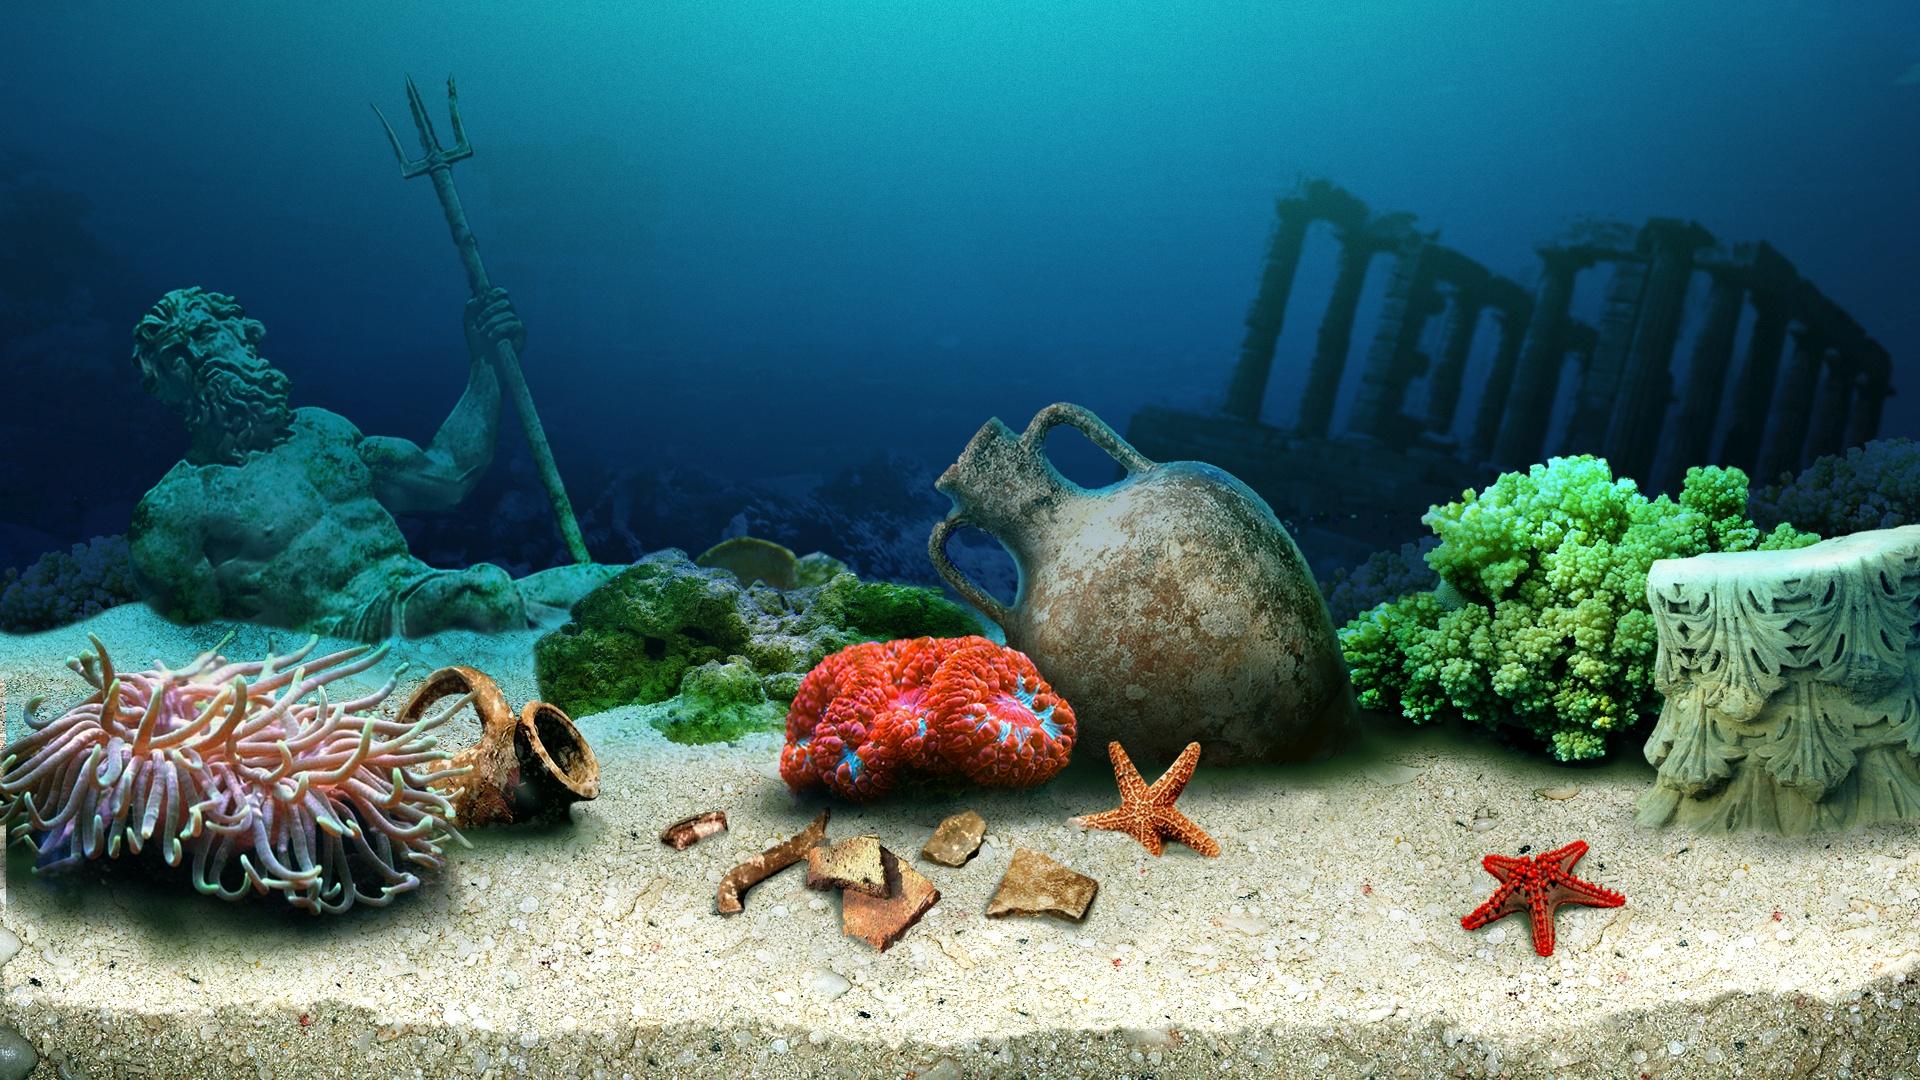 Aquarium PC Wallpaper HD